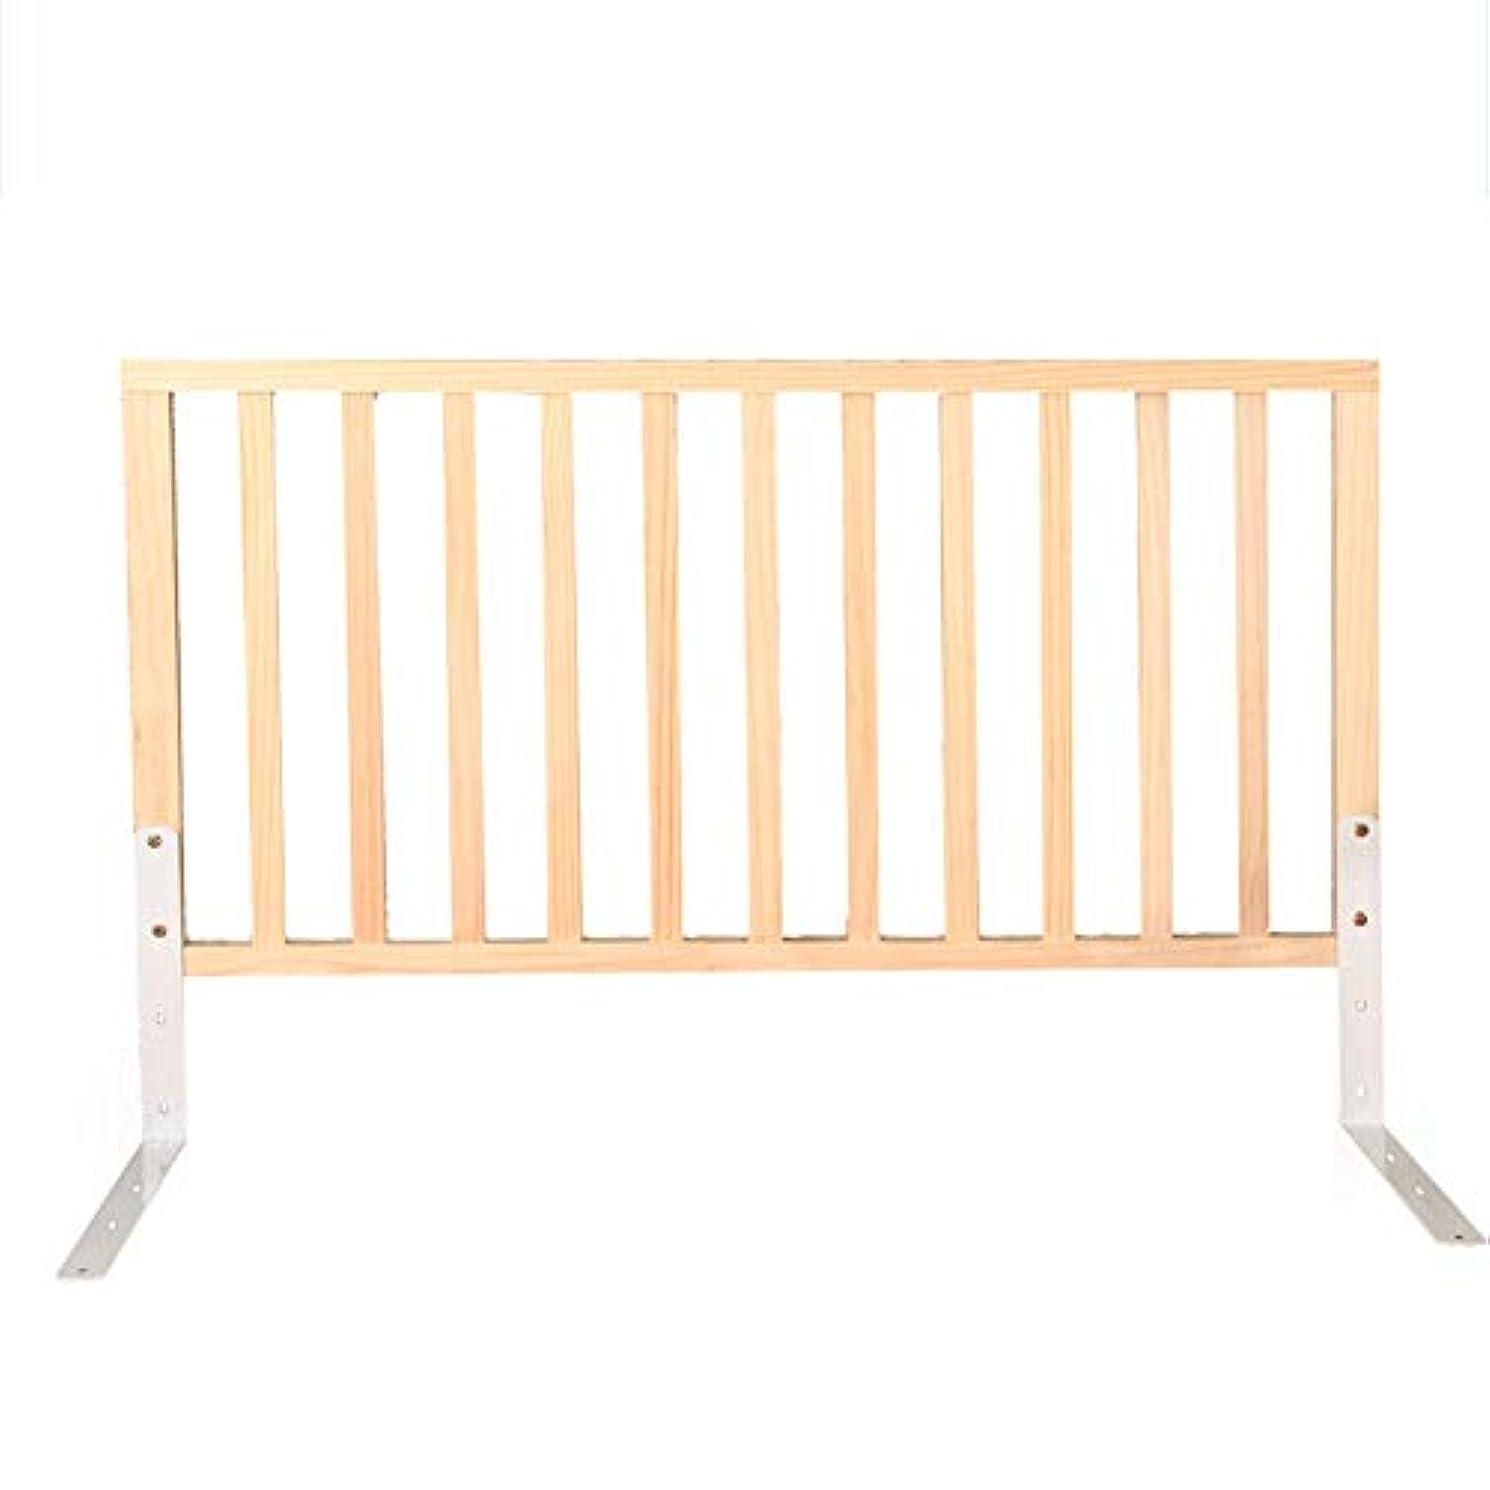 苦しめる色合い不当Xyanzi-ガードレールフェンス 幼児のガードレール、純木のベッドの柵の監視高さ調節可能なスラット及びBoxspringのための普遍的な適合(サイズ:150cm) (色 : A, サイズ さいず : 90センチメートル)